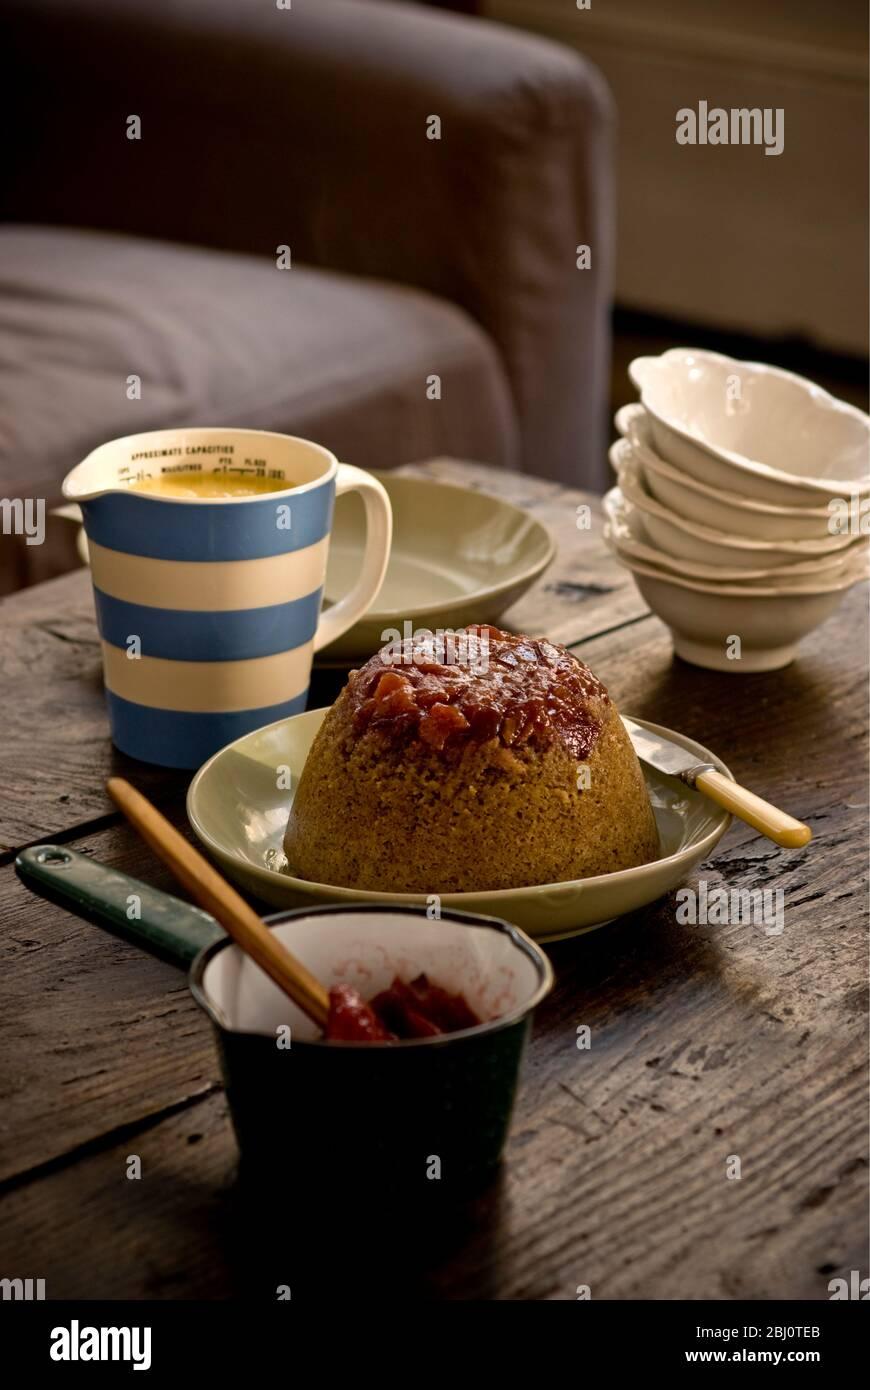 Pudding éponge traditionnelle à la vapeur avec des morses et compote de rhubarbe et crème anglaise, servi dans un cadre informel - Banque D'Images